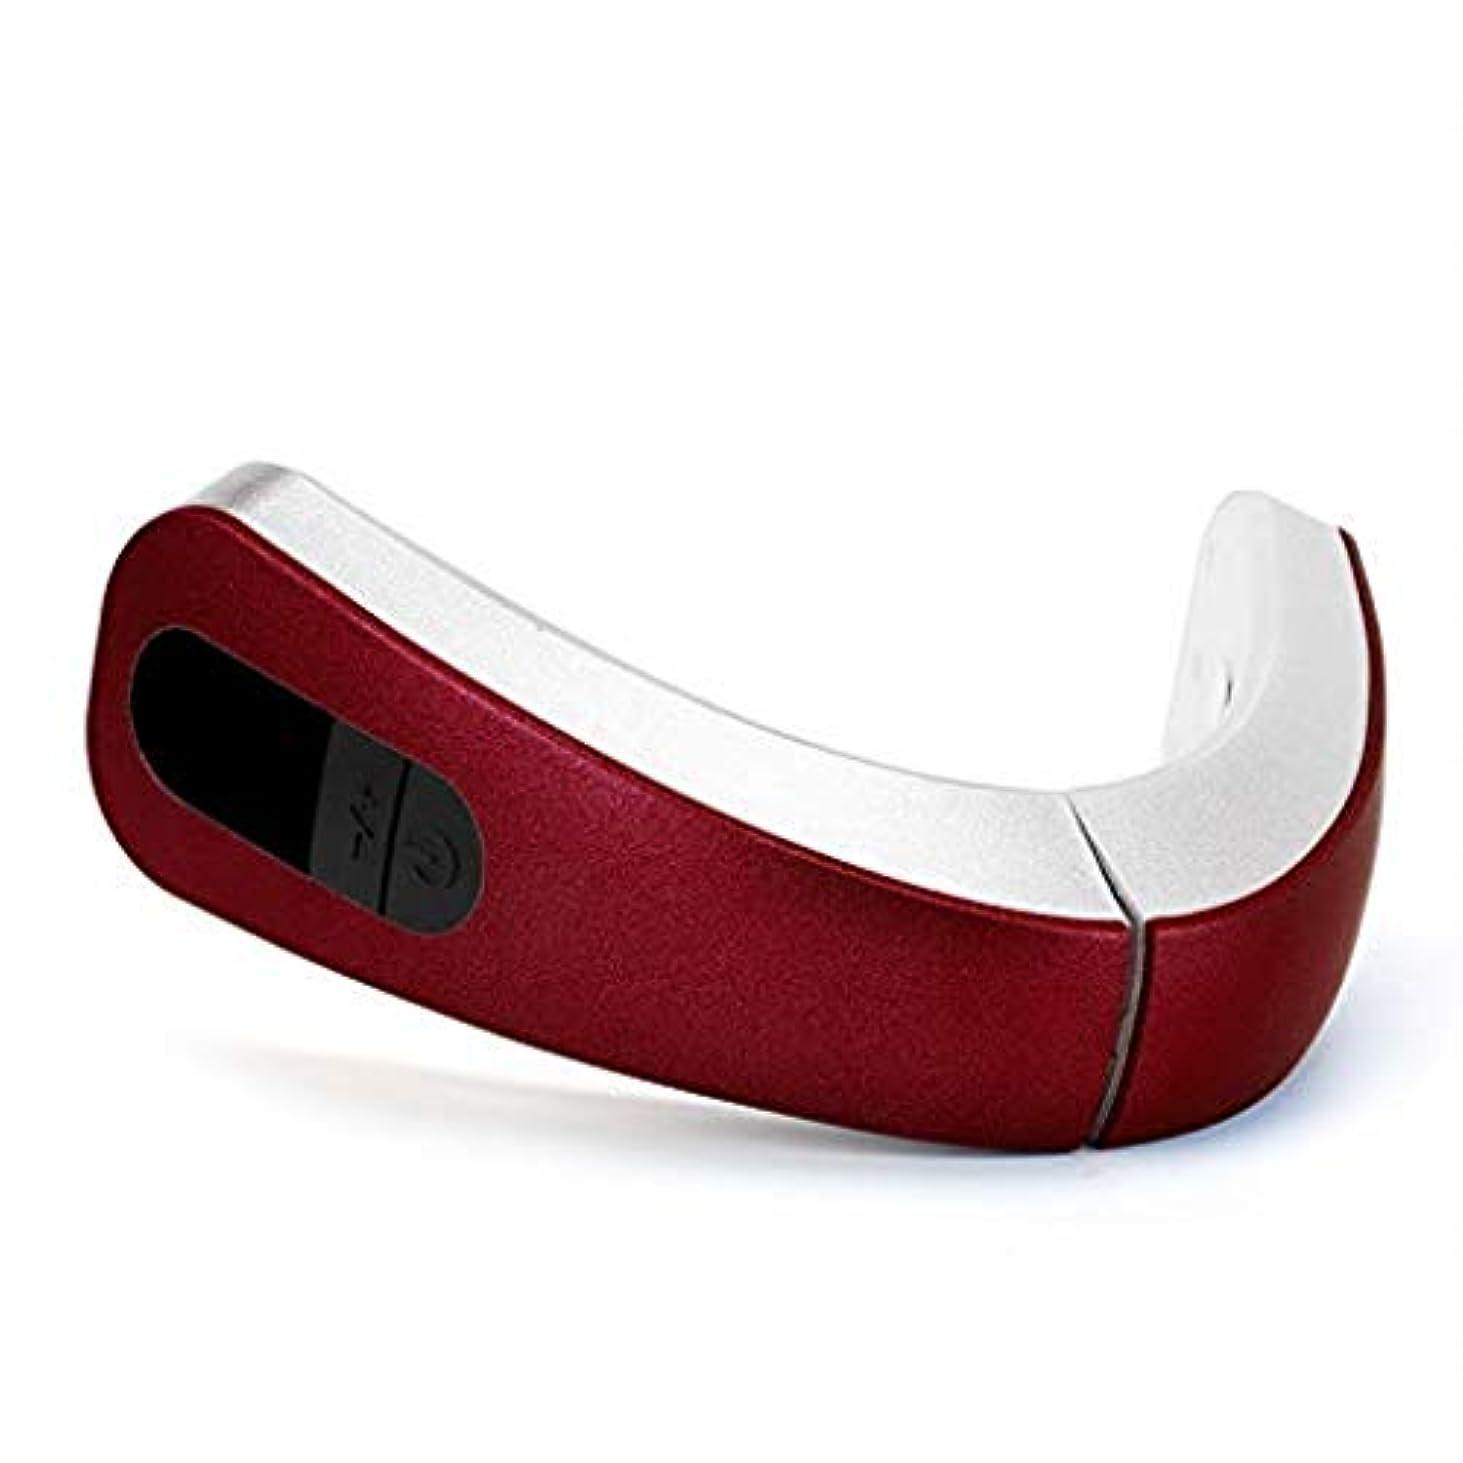 前書きアストロラーベ器官エレクトリックフェイスリフト美容機器、インテリジェント?マッサージ装置、Vフェイスは、咬筋/二重あご美容インストゥルメントを削除します (Color : 赤, Size : One size)